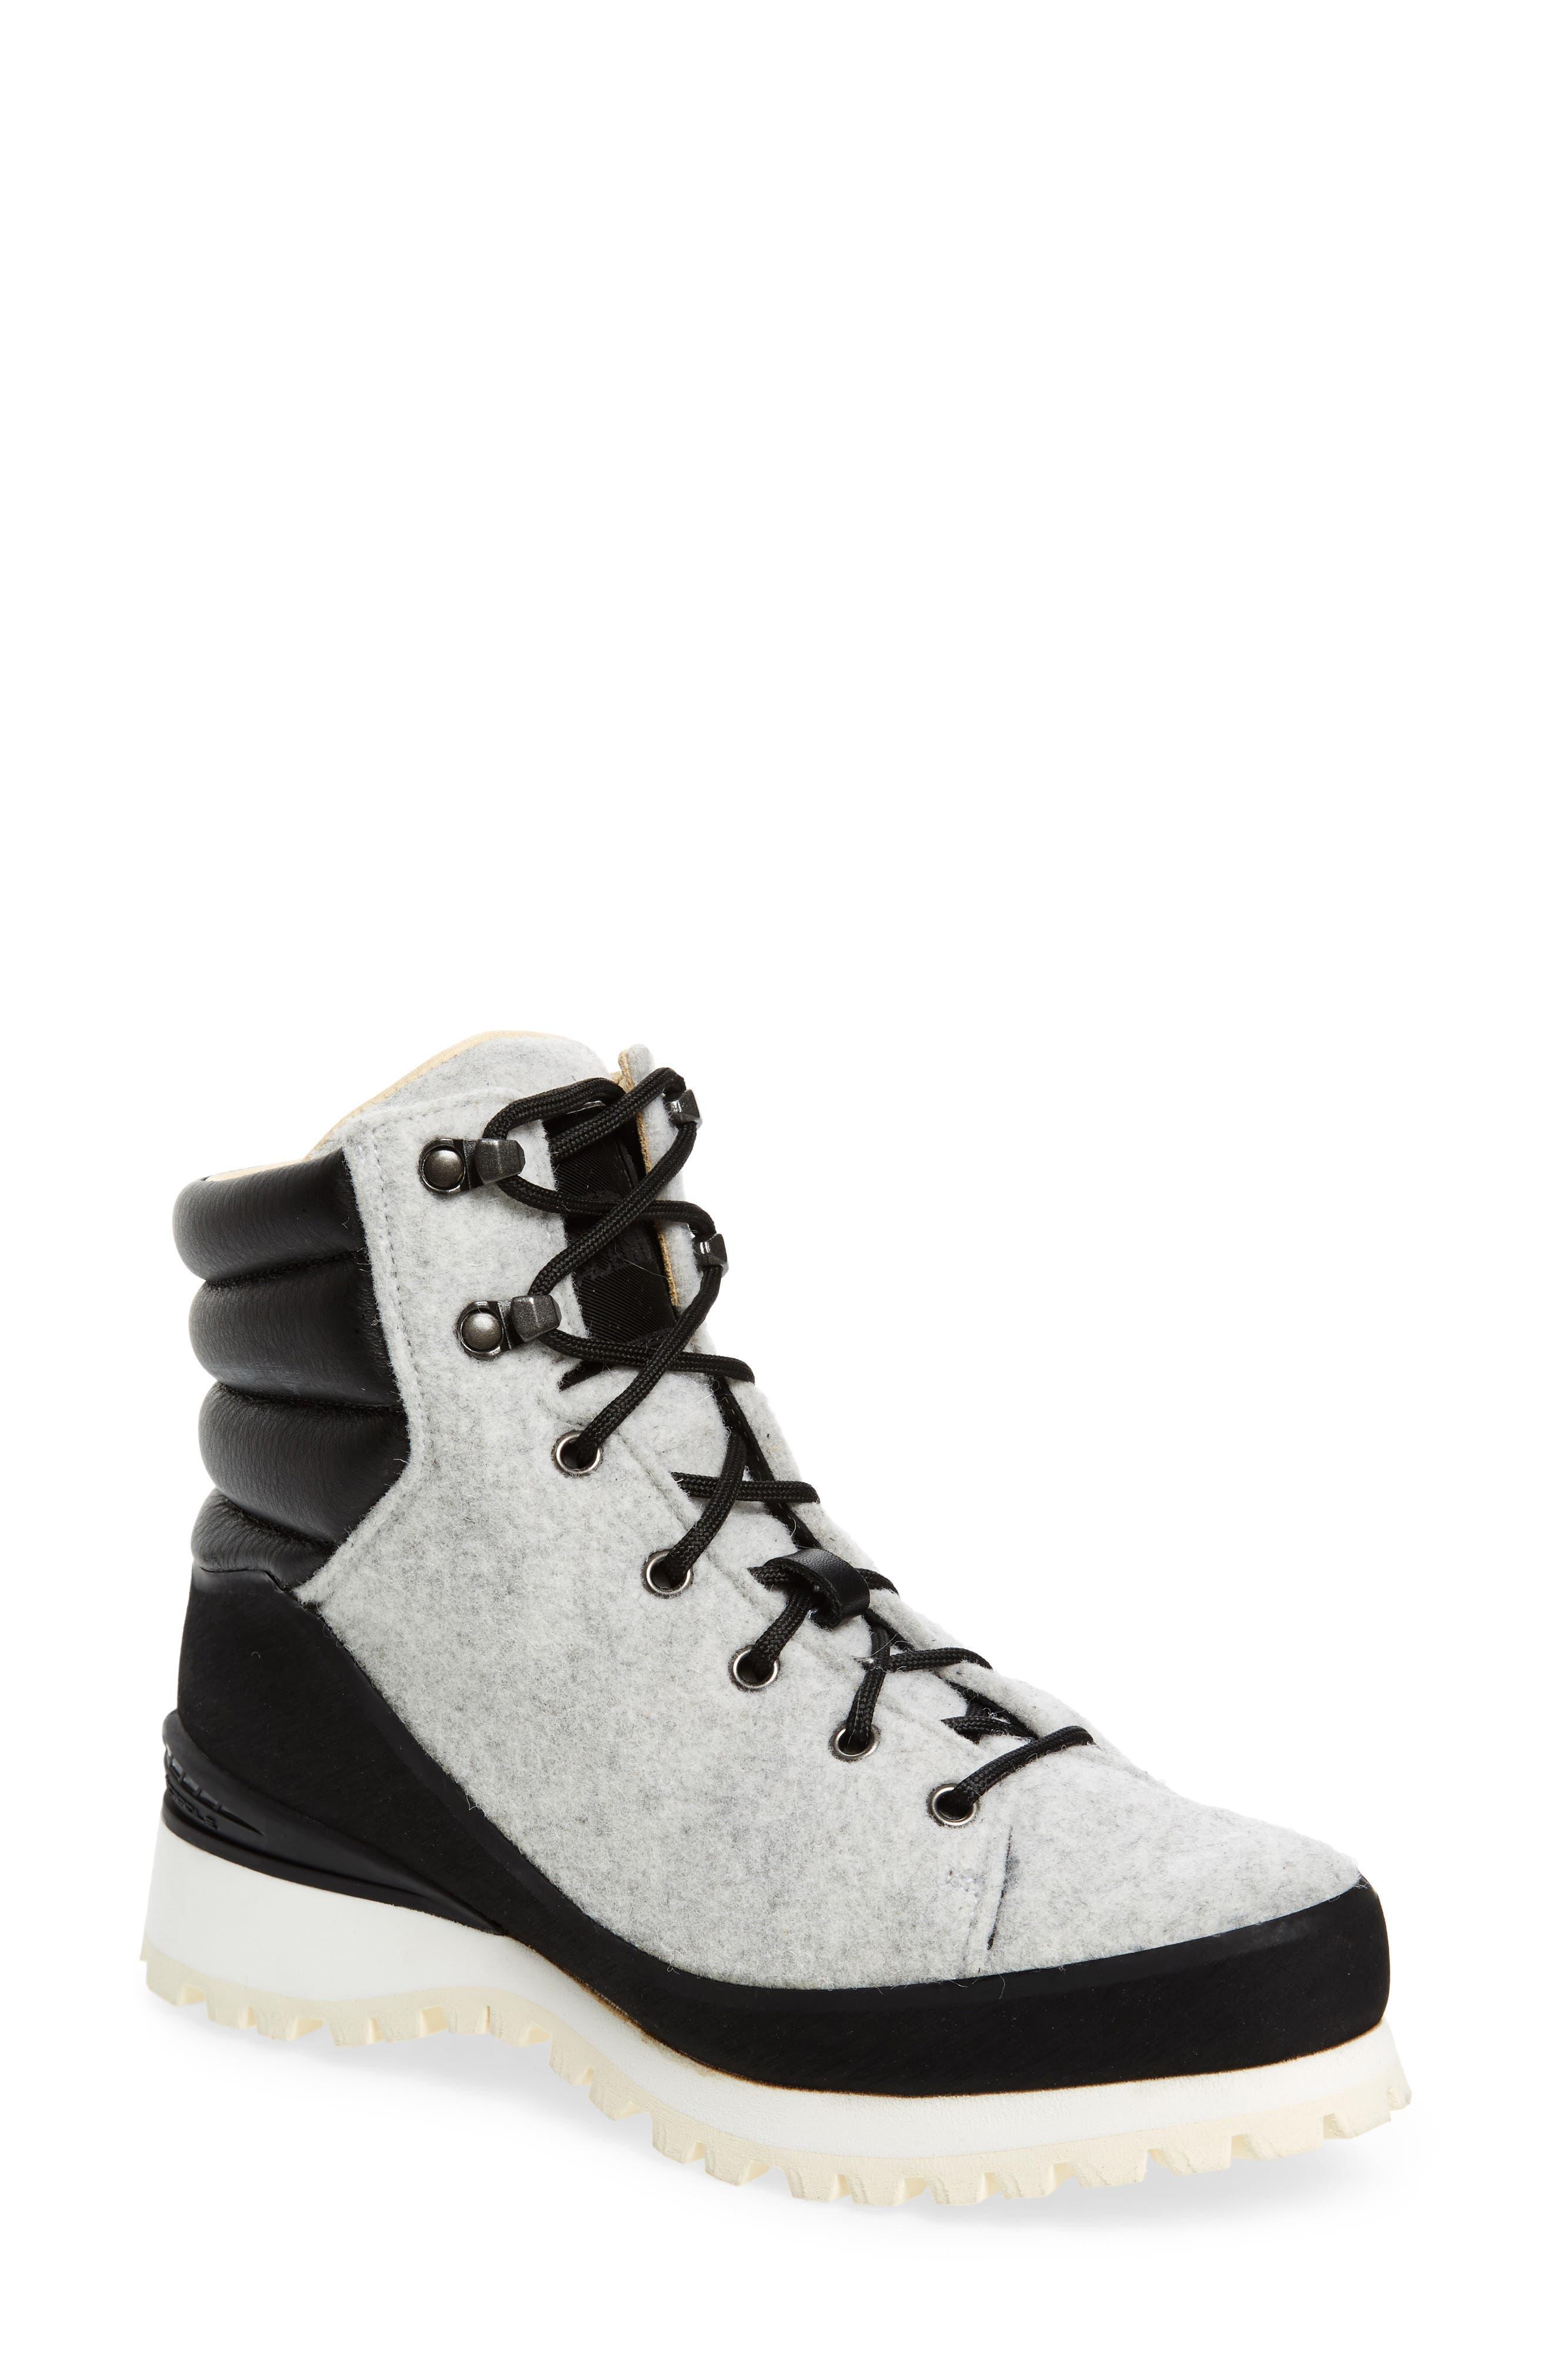 Cryos Hiker Boot,                             Main thumbnail 2, color,